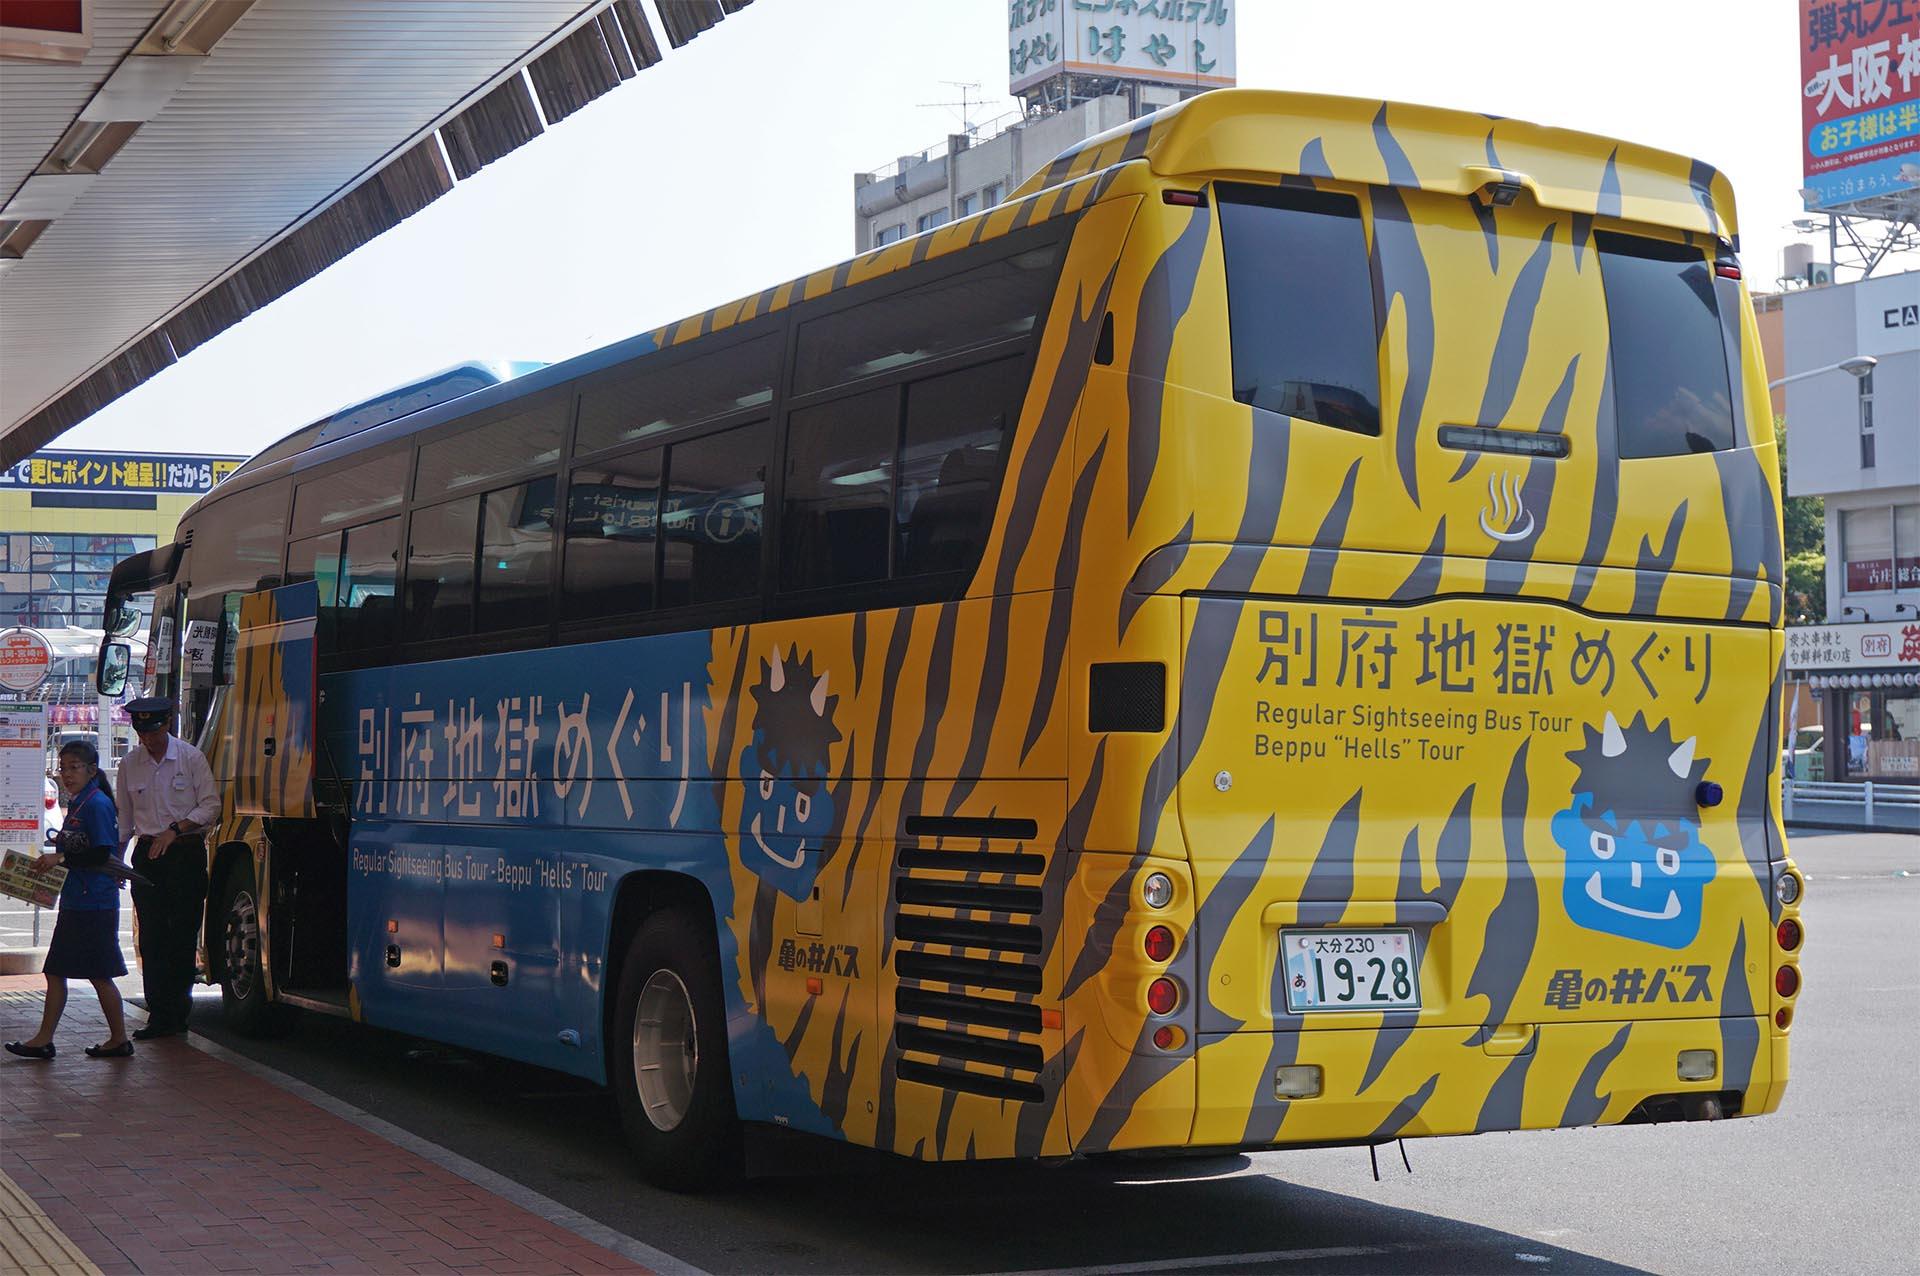 地獄めぐりのツアーバス